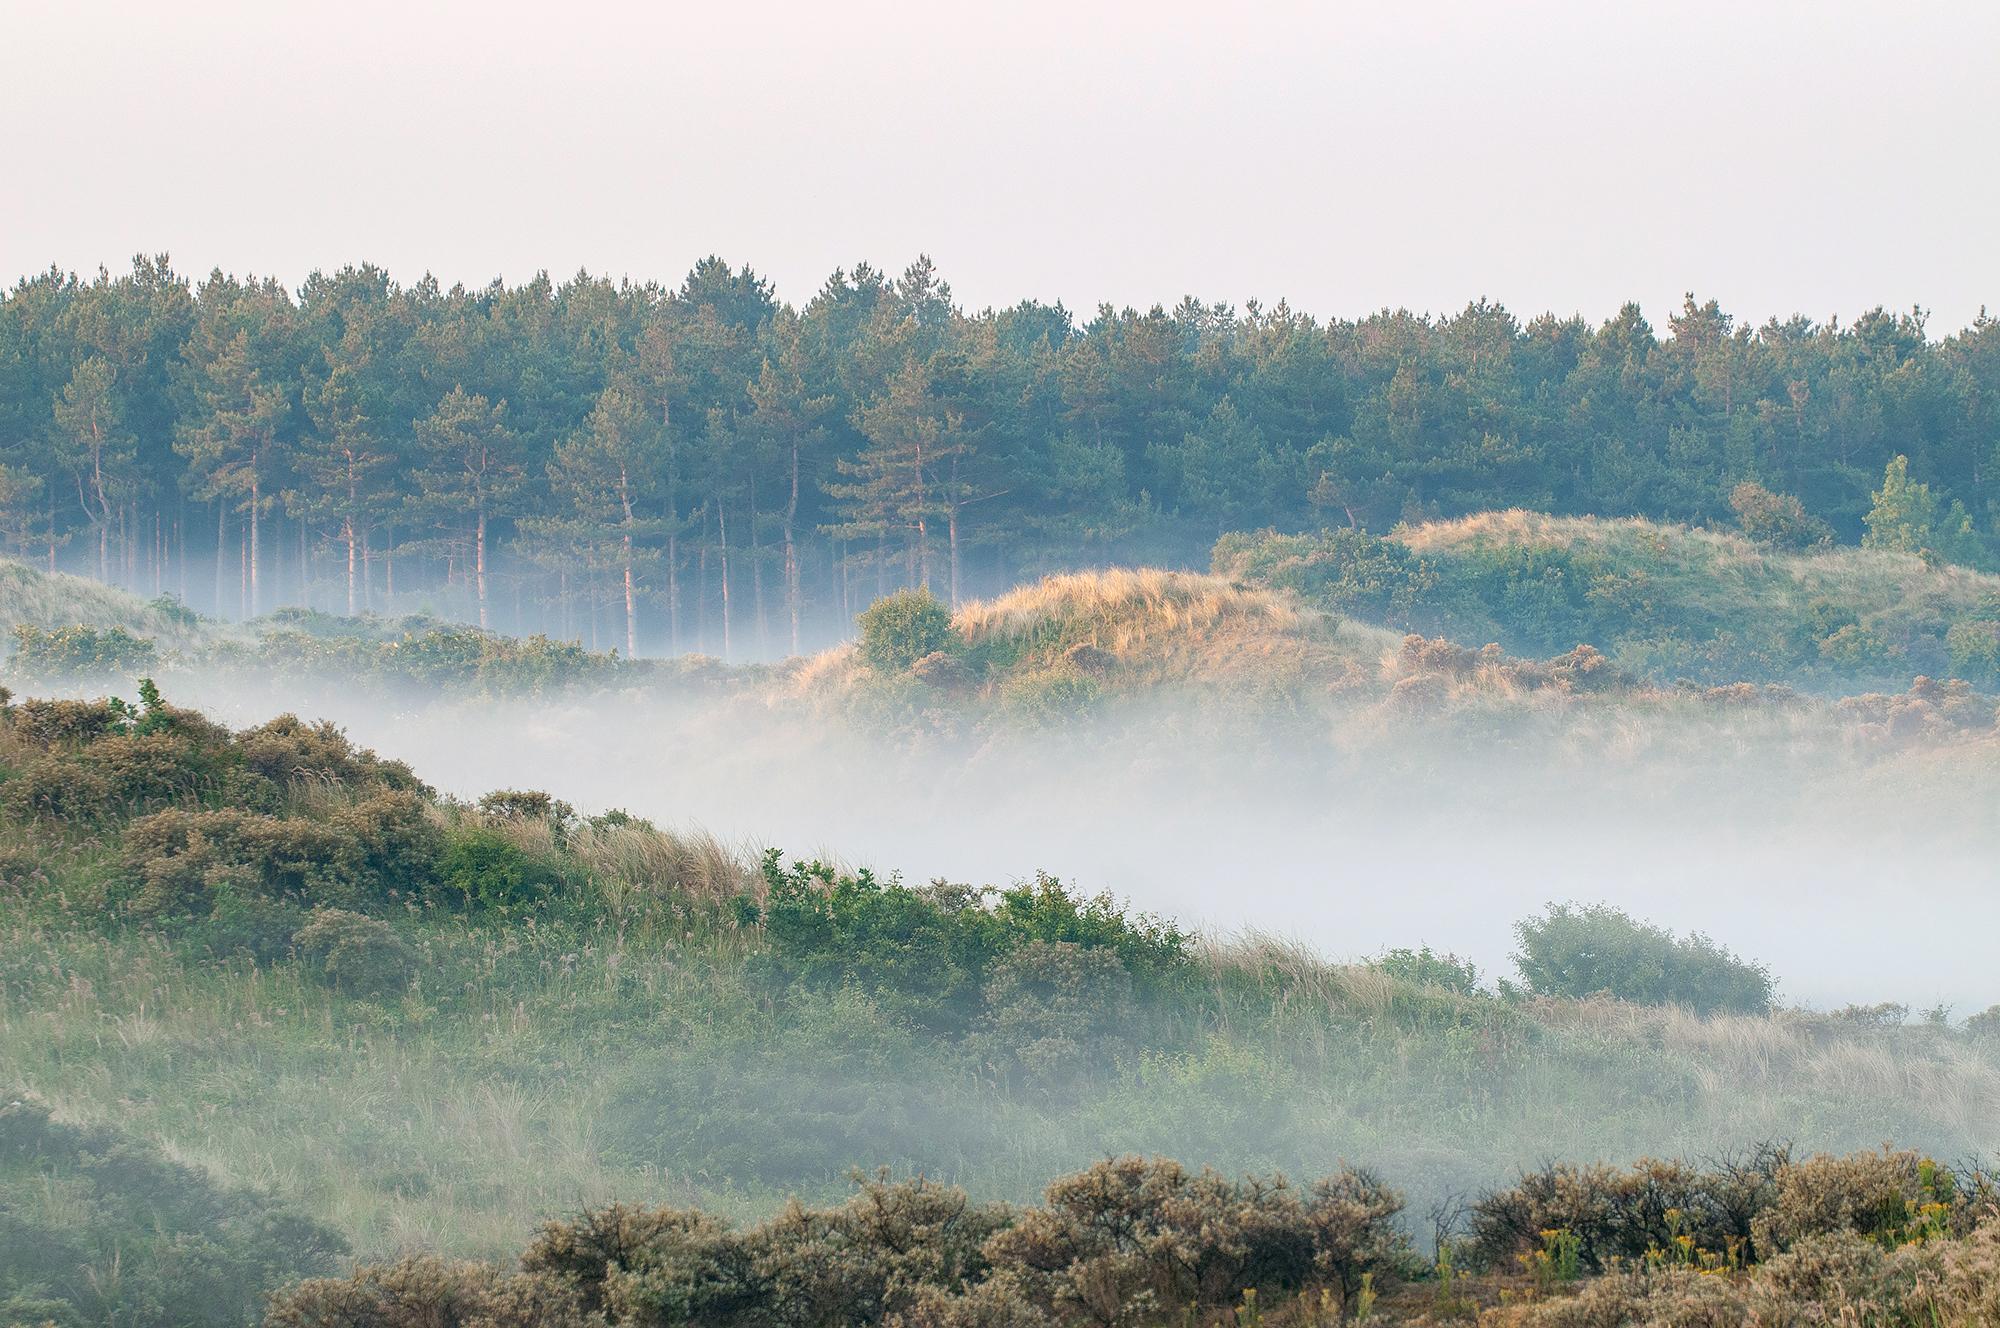 Lagen mist tussen duinhellingen tijdens een koude zonsopkomst in het Noordhollands Duinreservaat bij Egmond-Binnen